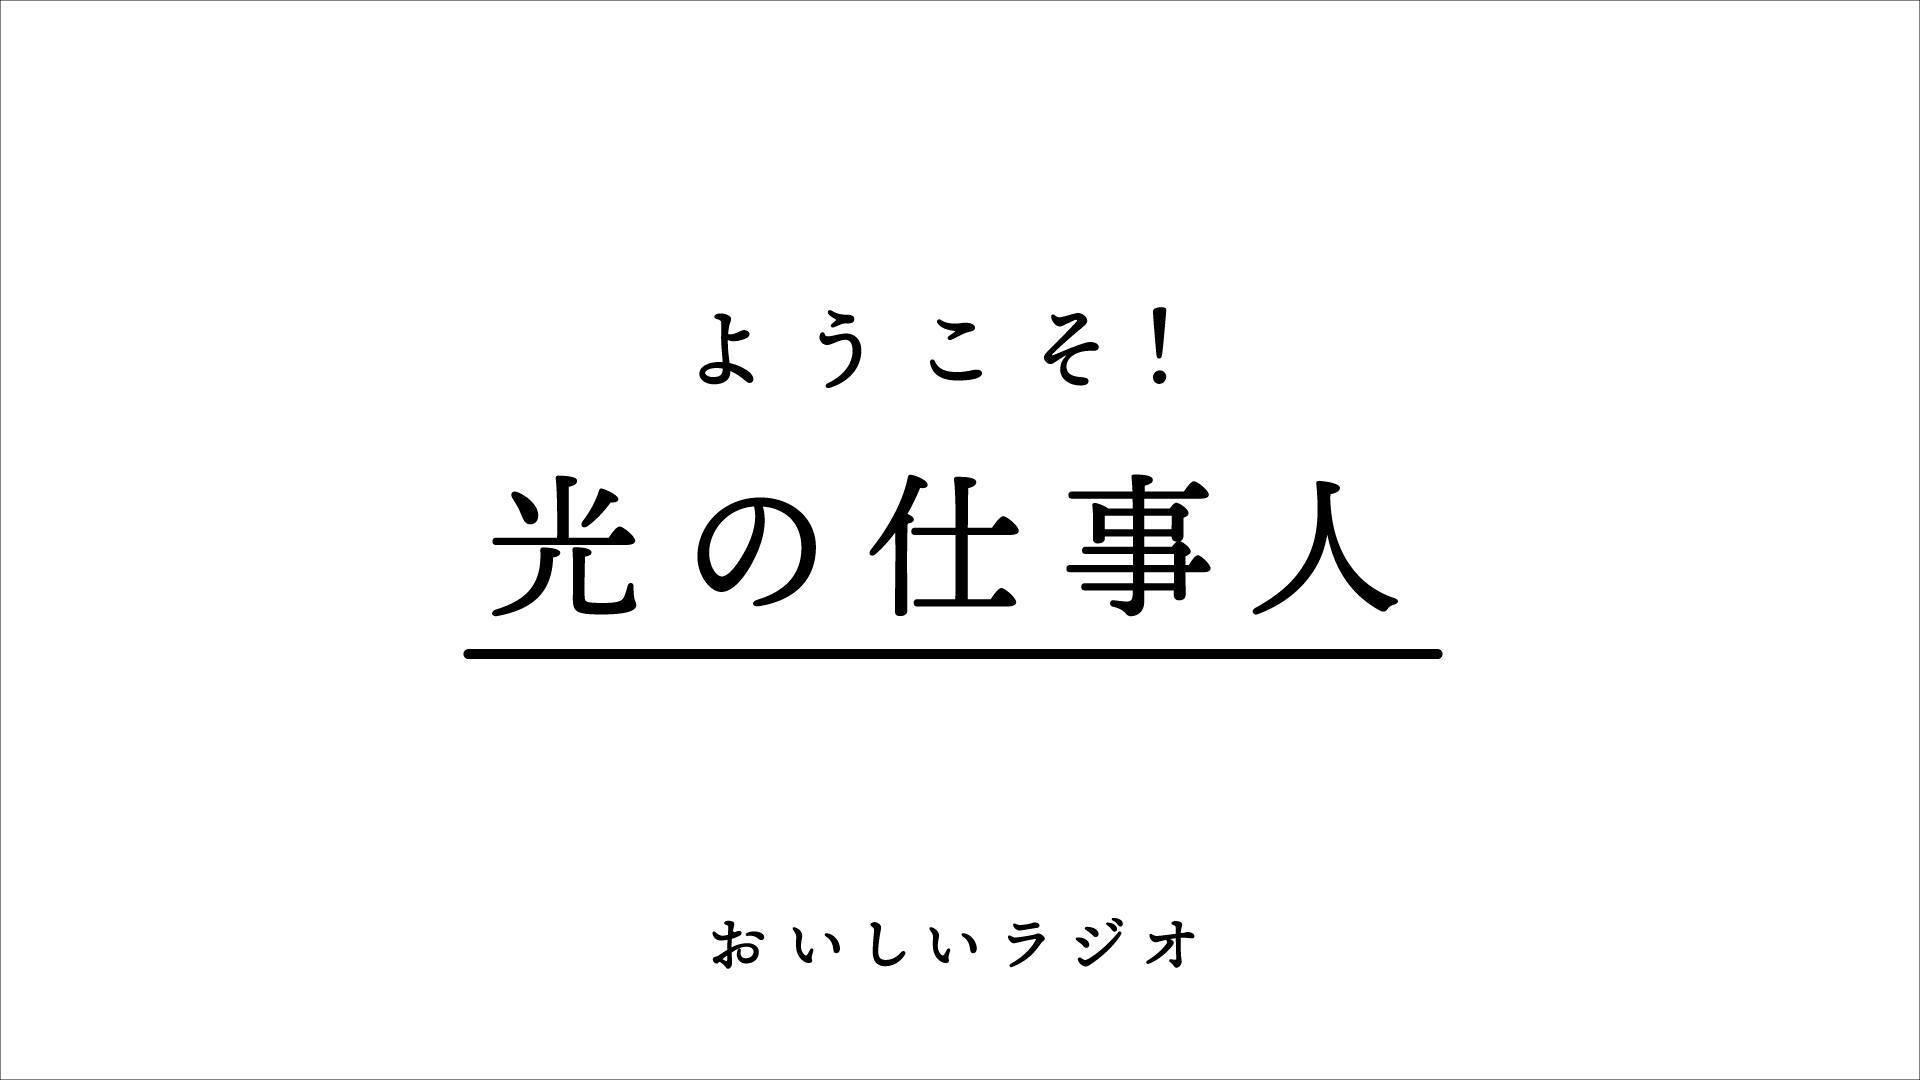 ようこそ!光の仕事人【6/ 10放送分】_a0126418_11483427.jpg